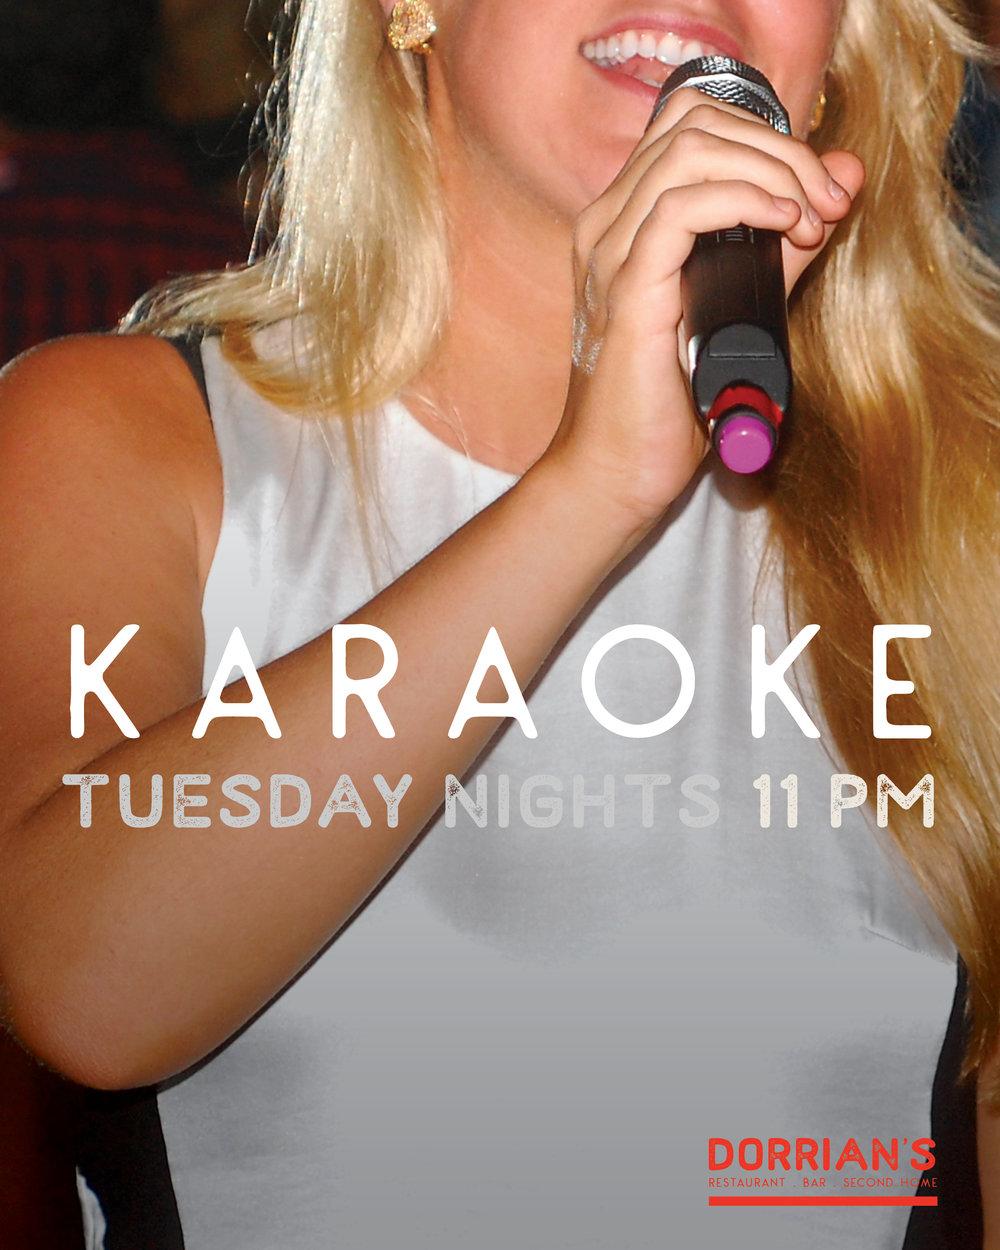 drh_nyc-2018-insta-karaoke-gallery7.jpg